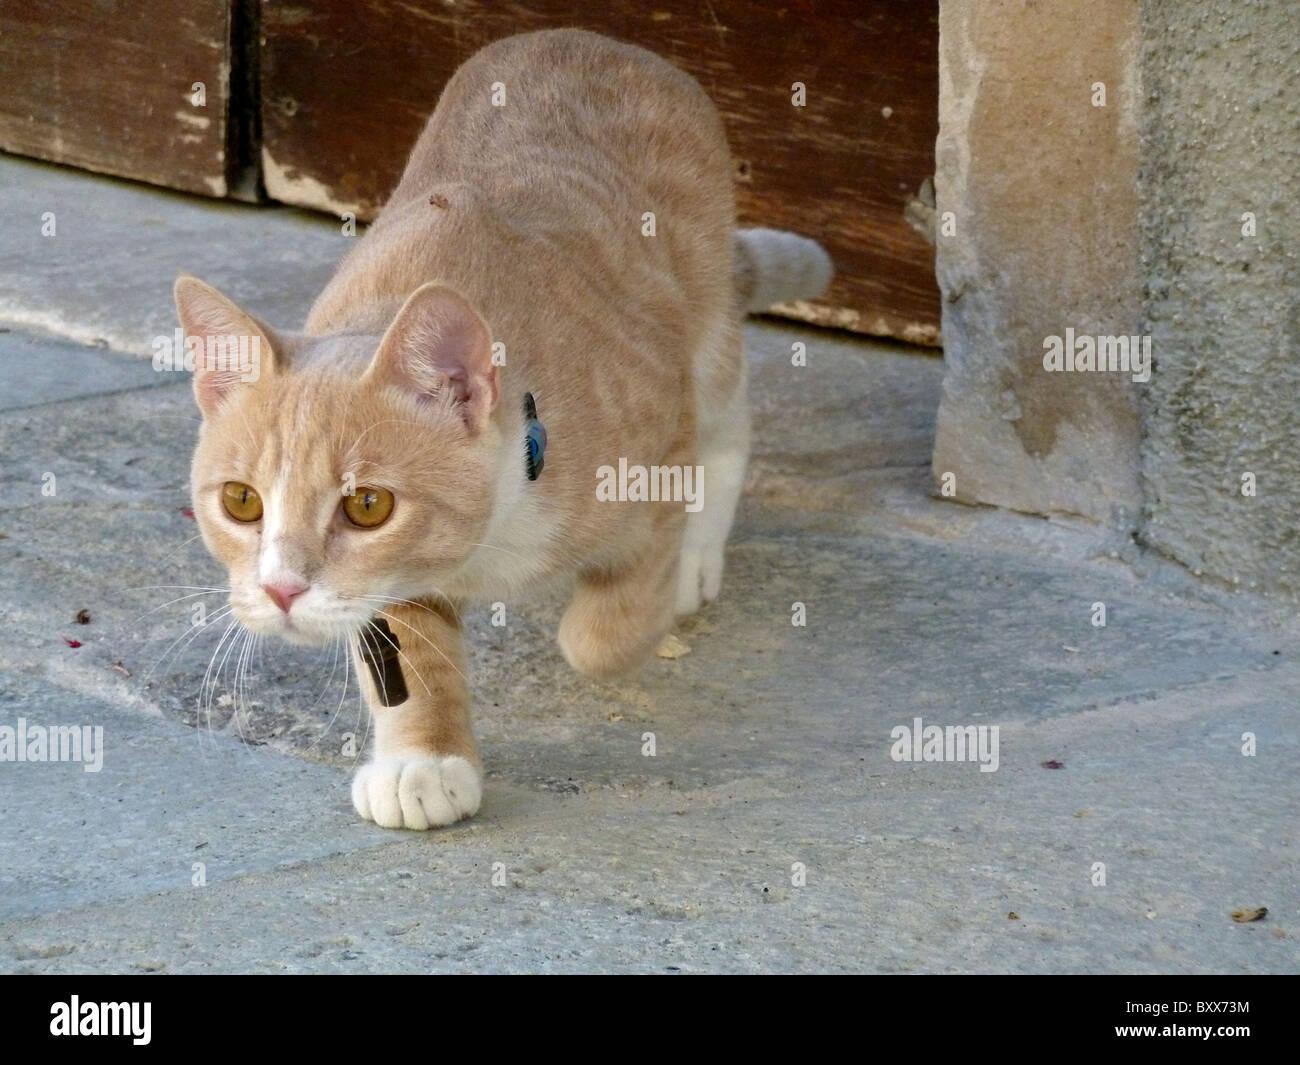 FAWN COLOURED CAT VENICE ITALY VENICE ITALY VENICE ITALY 11 September 2010 - Stock Image